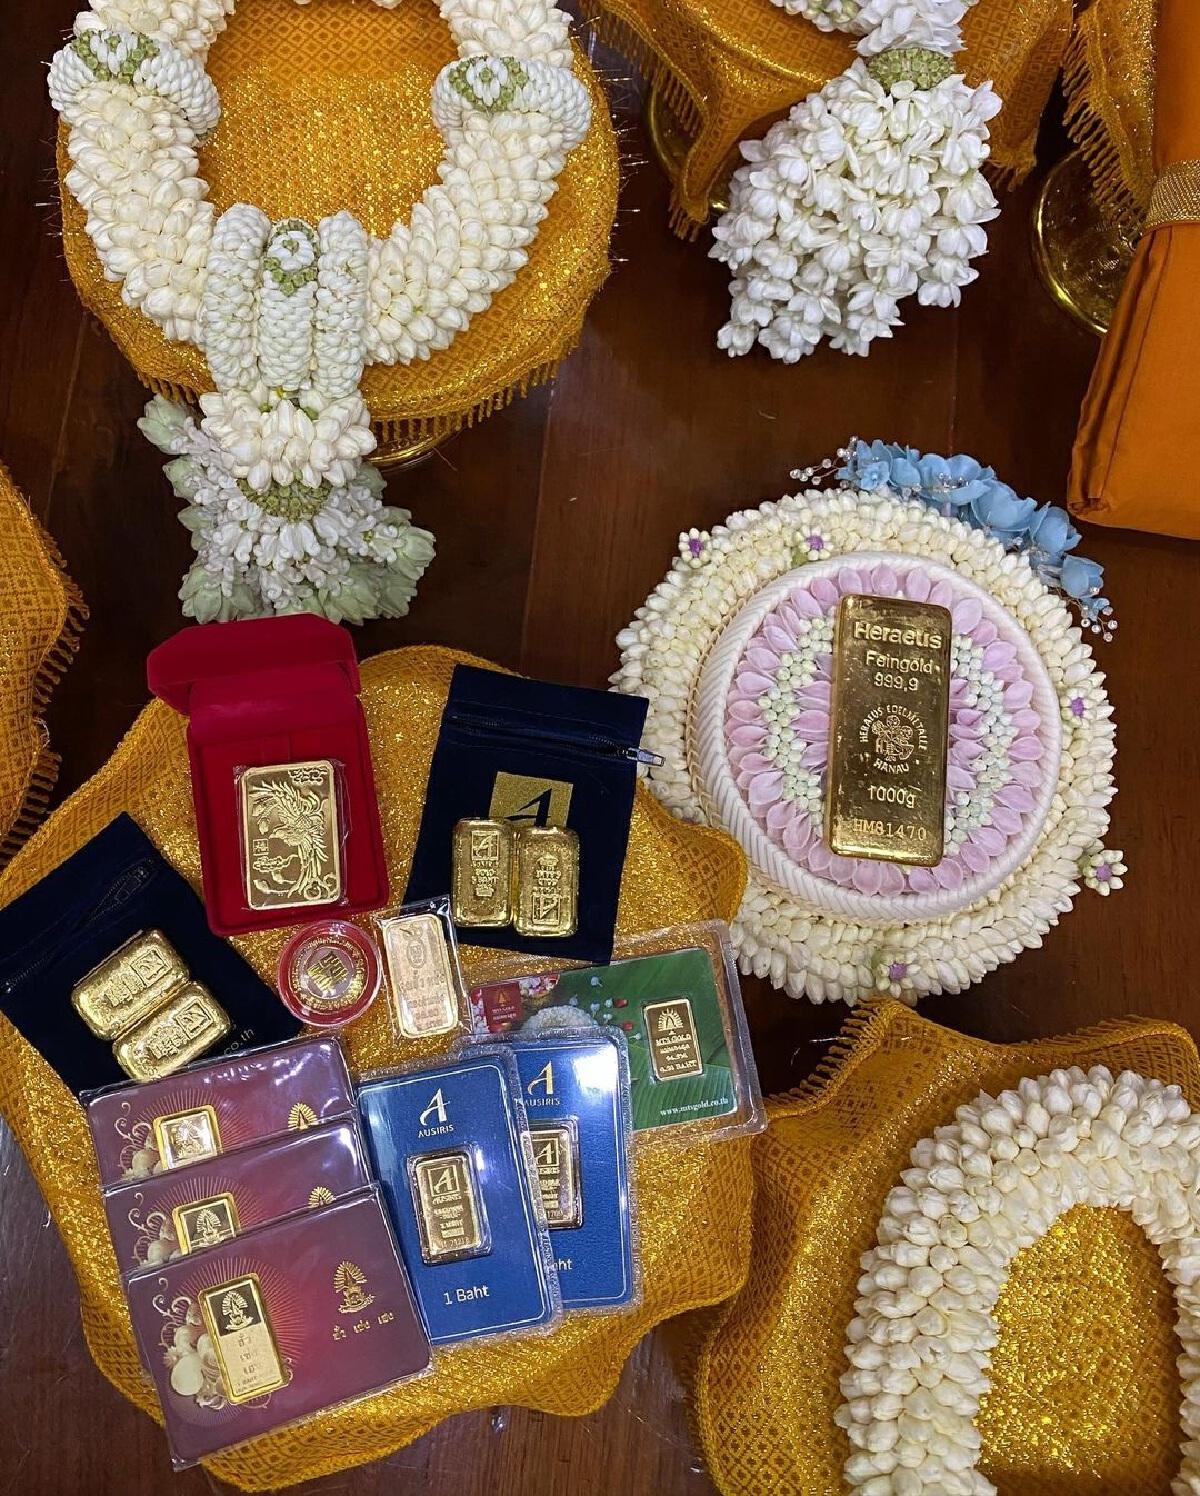 เบลล่า ราณี ทำบุญใหญ่ ถวายทองคำ 103.35 บาท หุ้มปลียอดพระธาตุเชิงชุม จ.สกลนคร